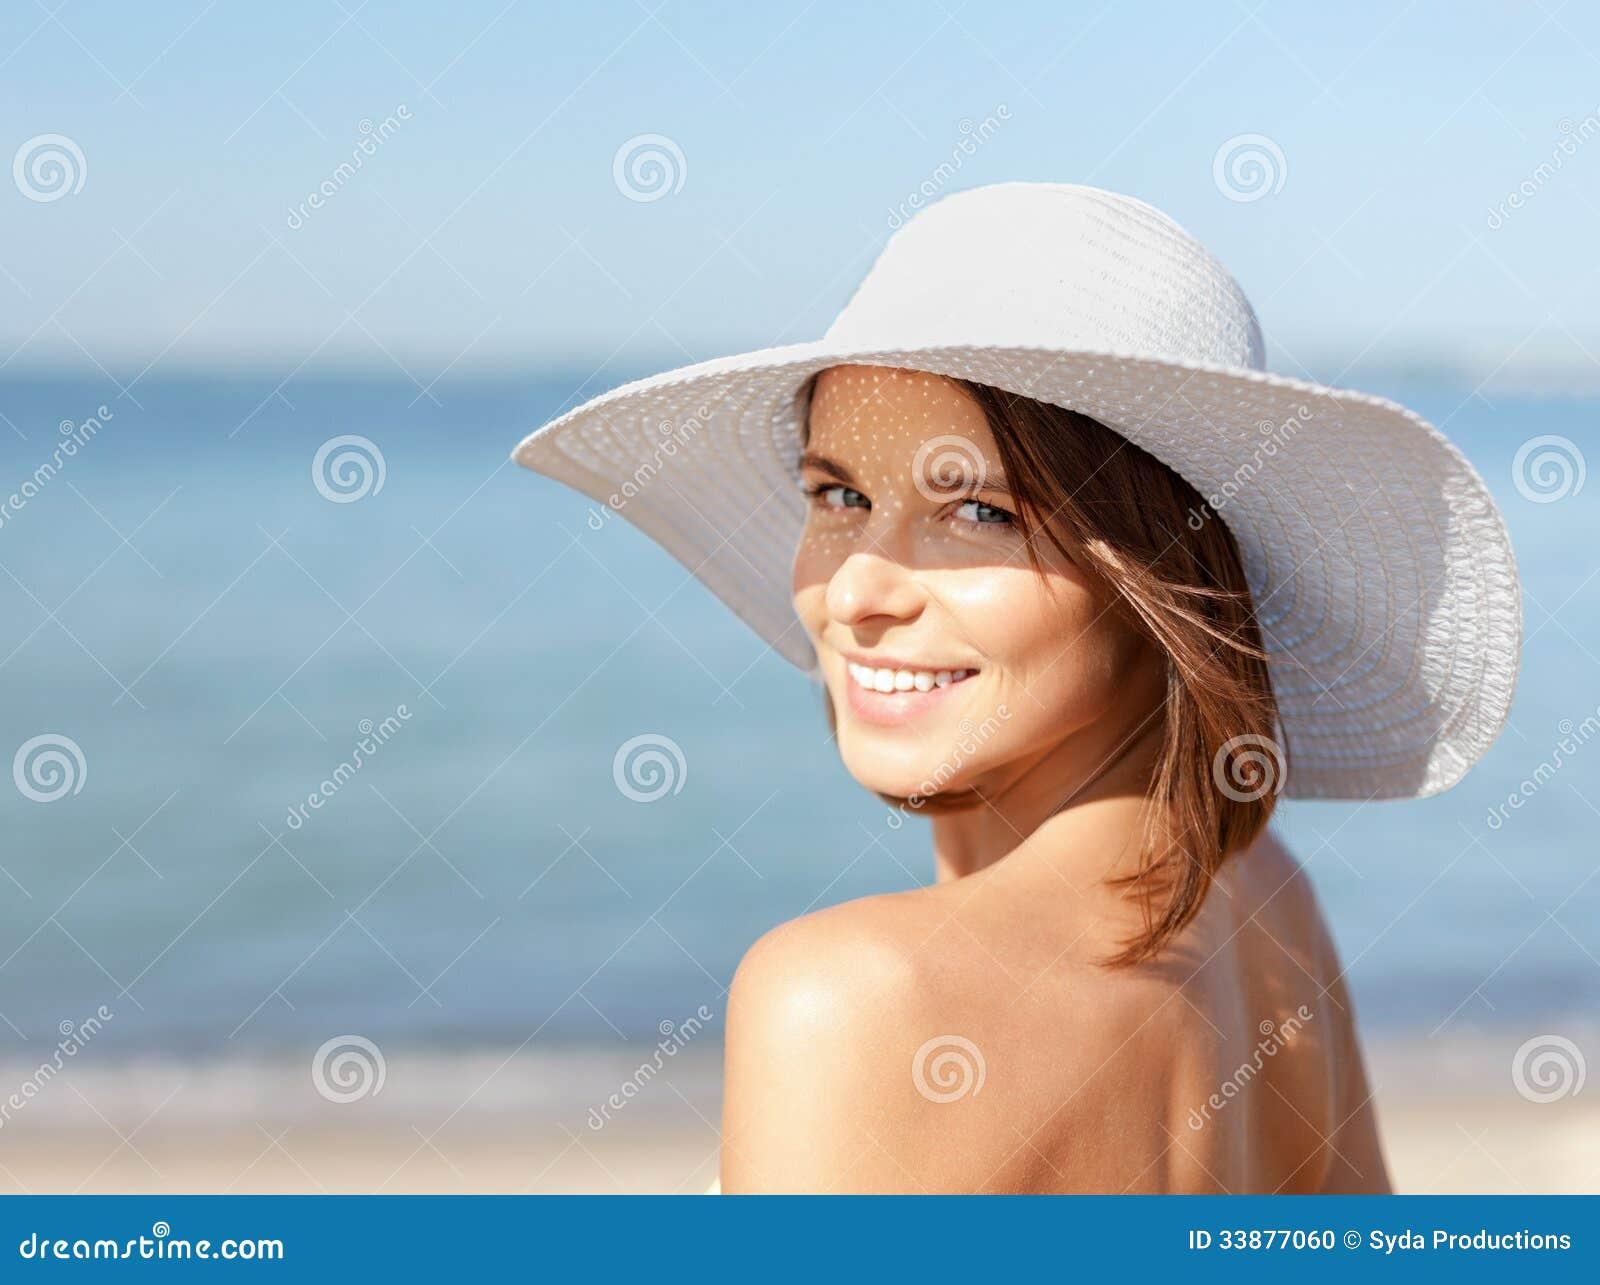 Девушка в бикини стоя на пляже